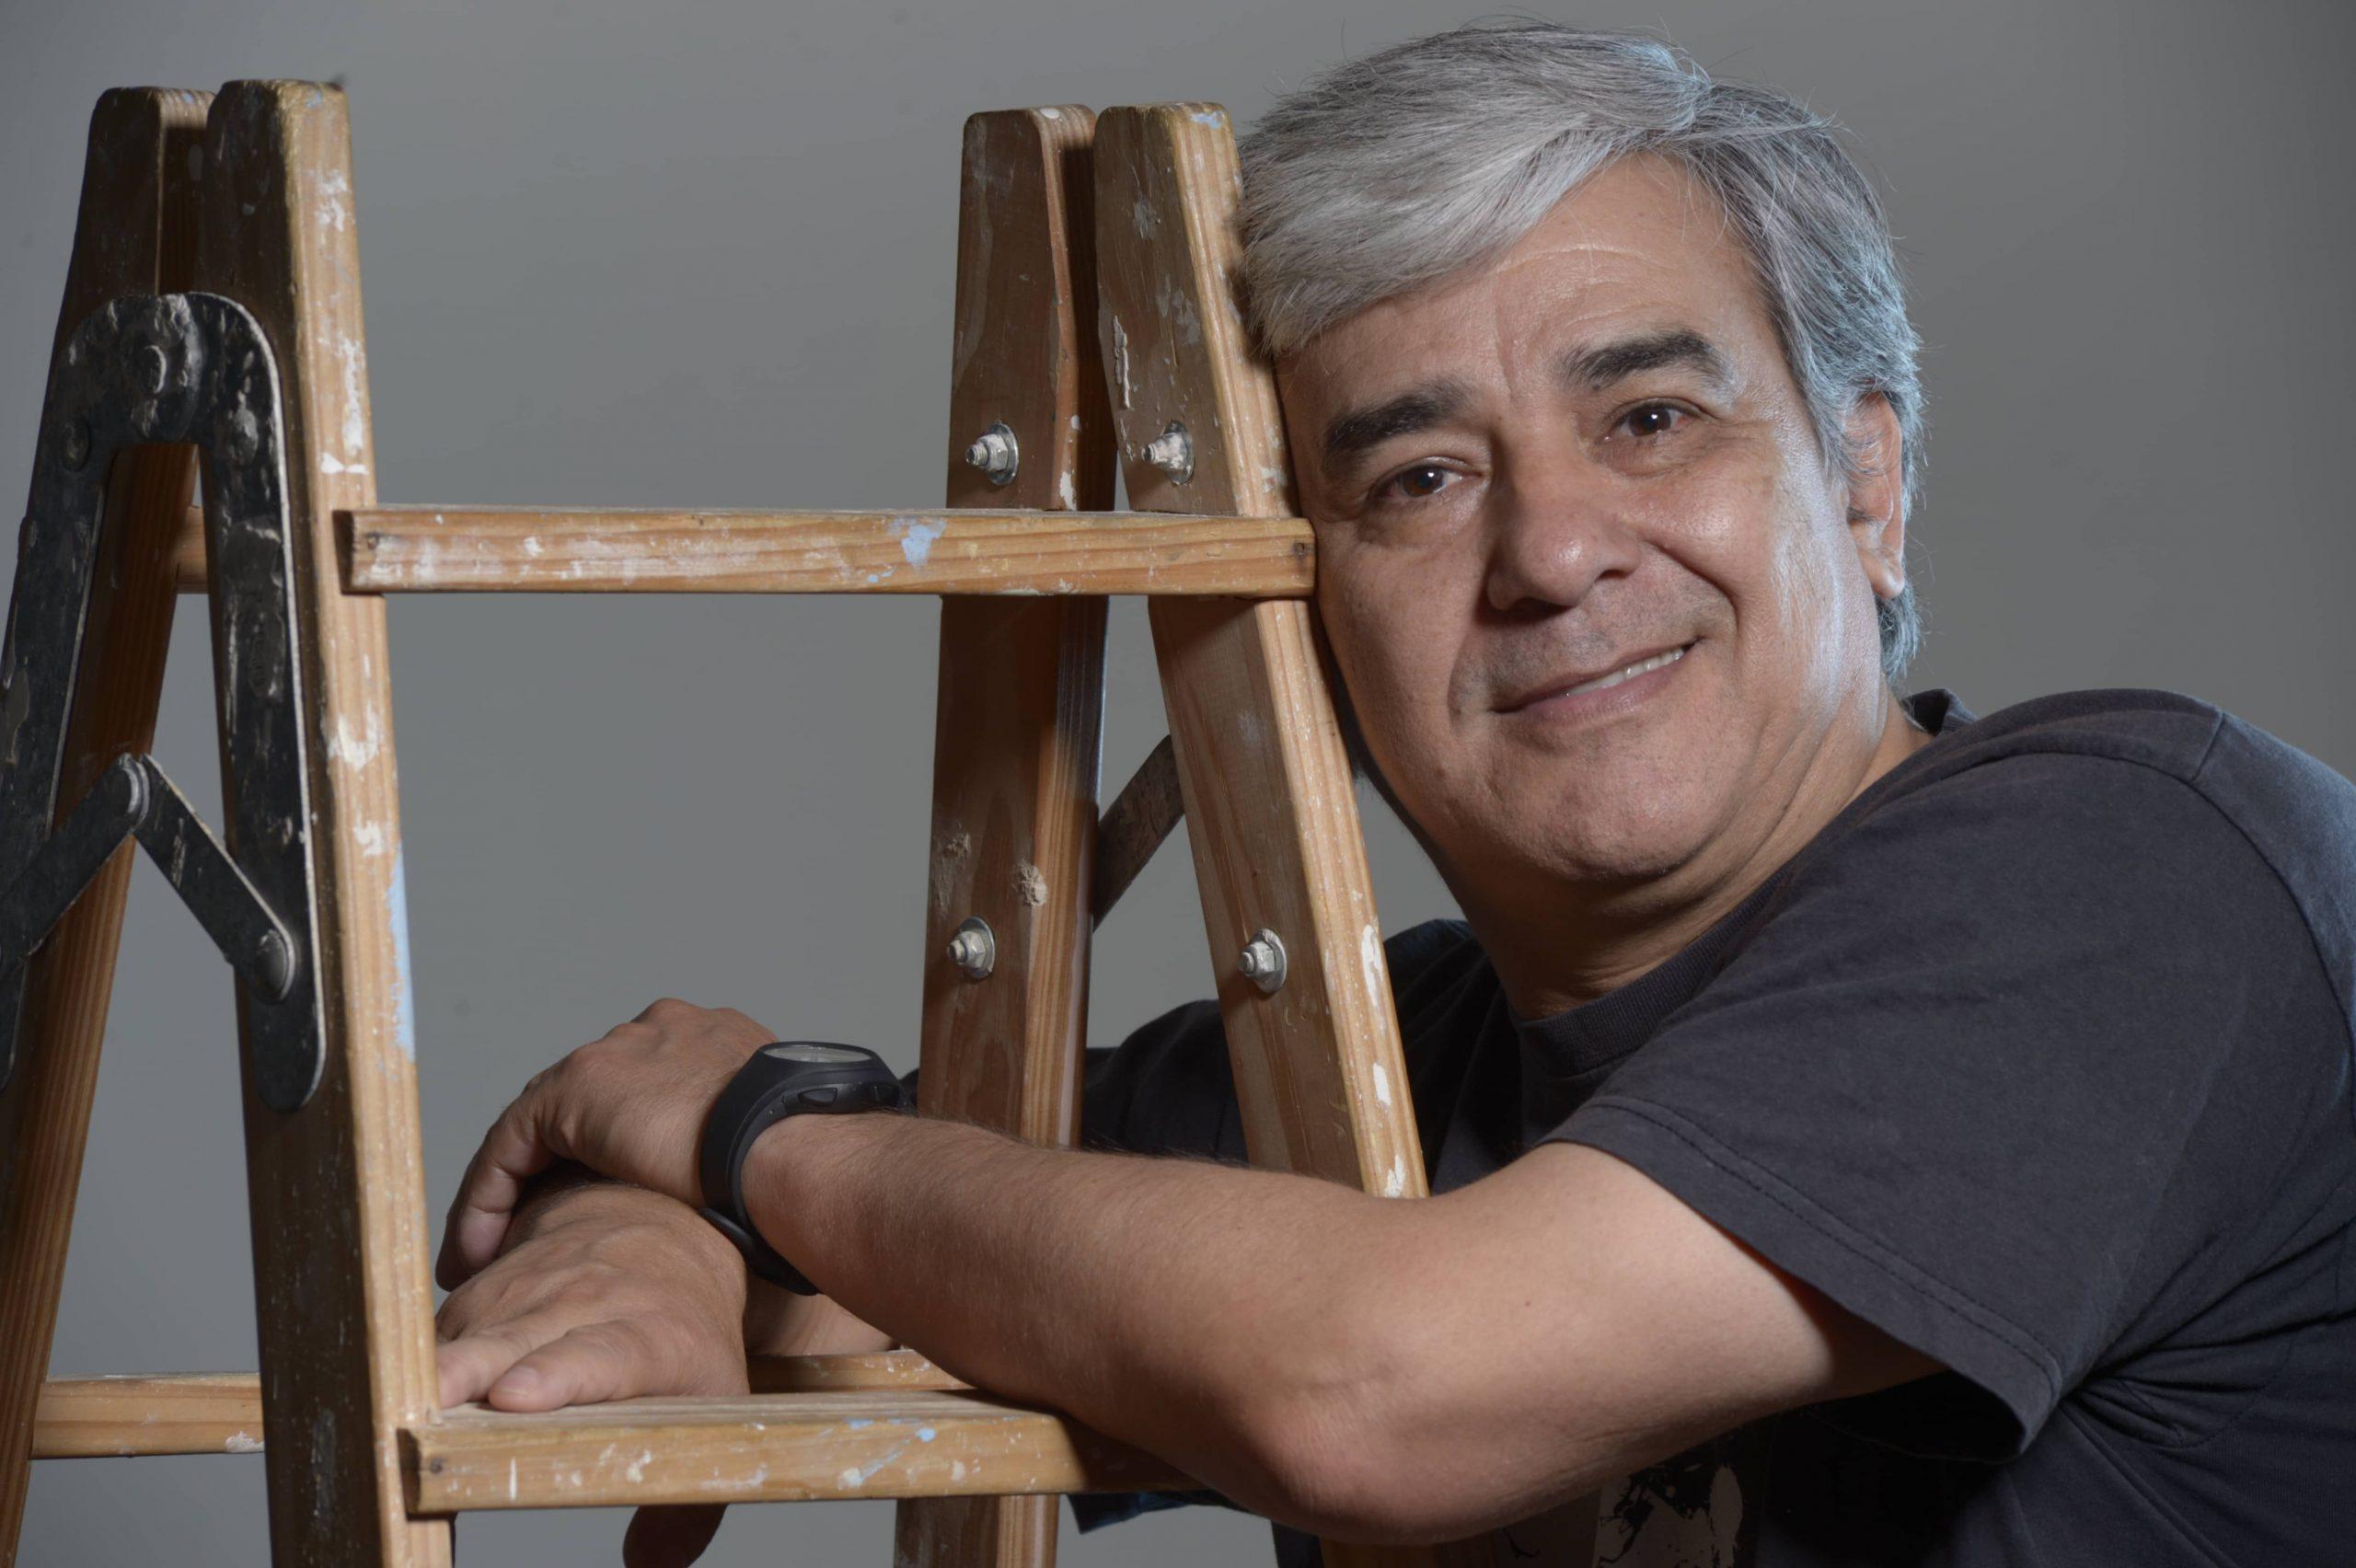 Robertti Gamarra, una buena excusa para acudir a La Feria del Libro de Madrid